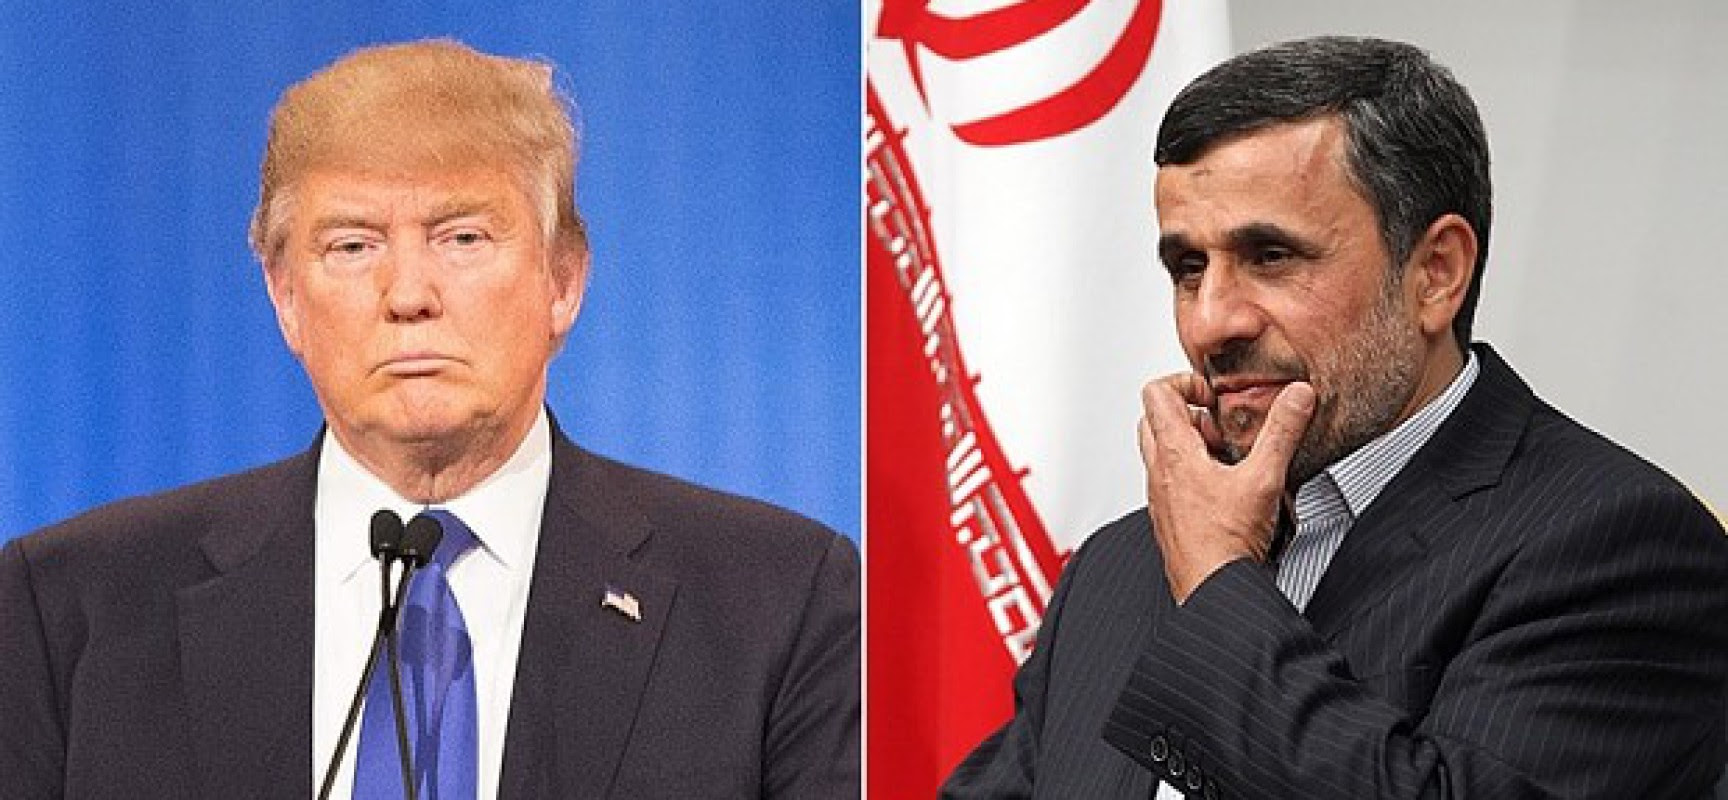 Iran : Ahmadinejad exhorte Trump à mettre fin aux interventions américaines au Moyen Orient